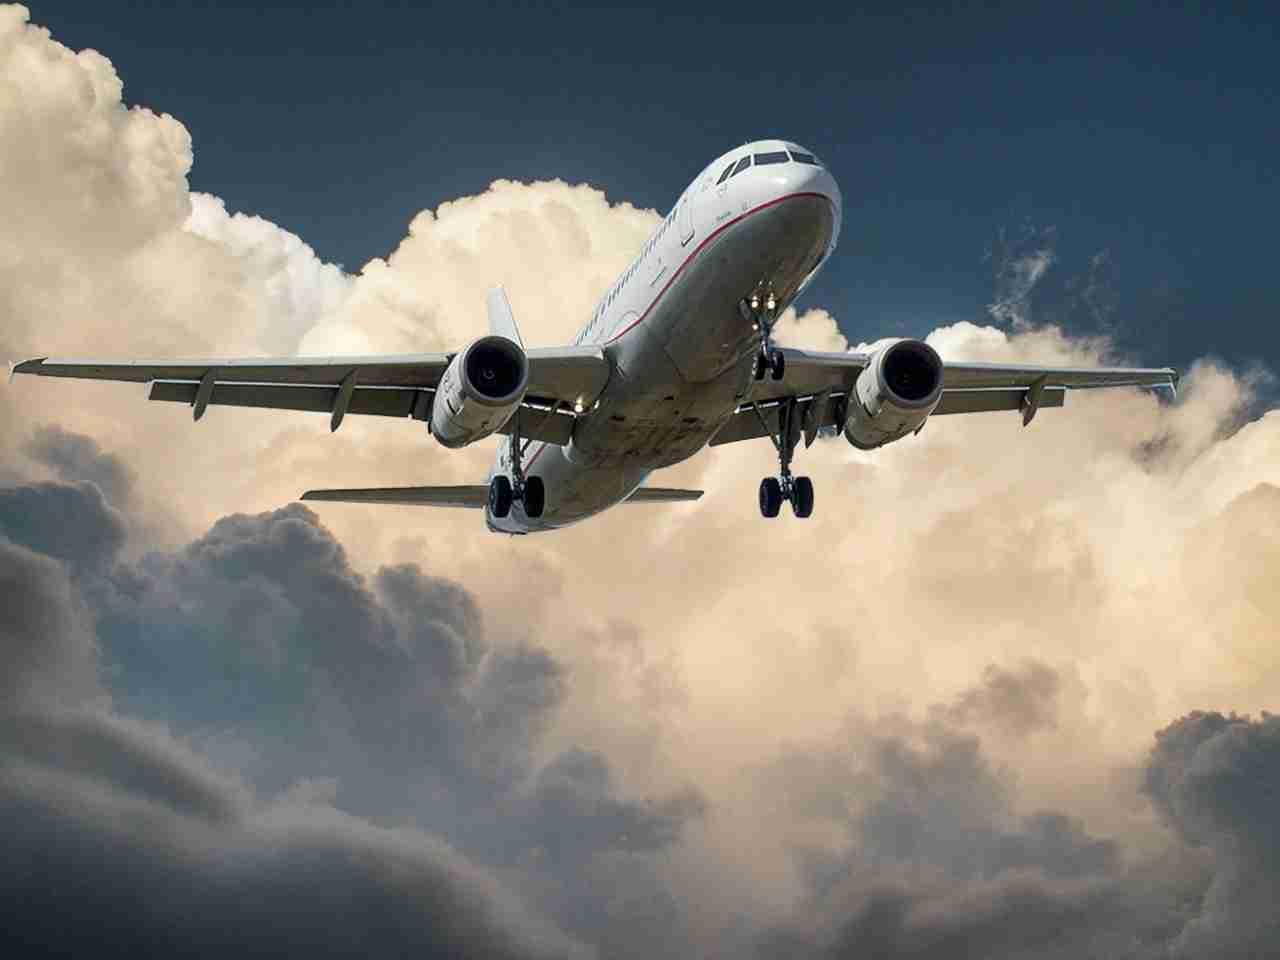 ジャーマンウイングス航空は安全か?評判や評価・口コミ情報まとめ |  WAVE NEWS